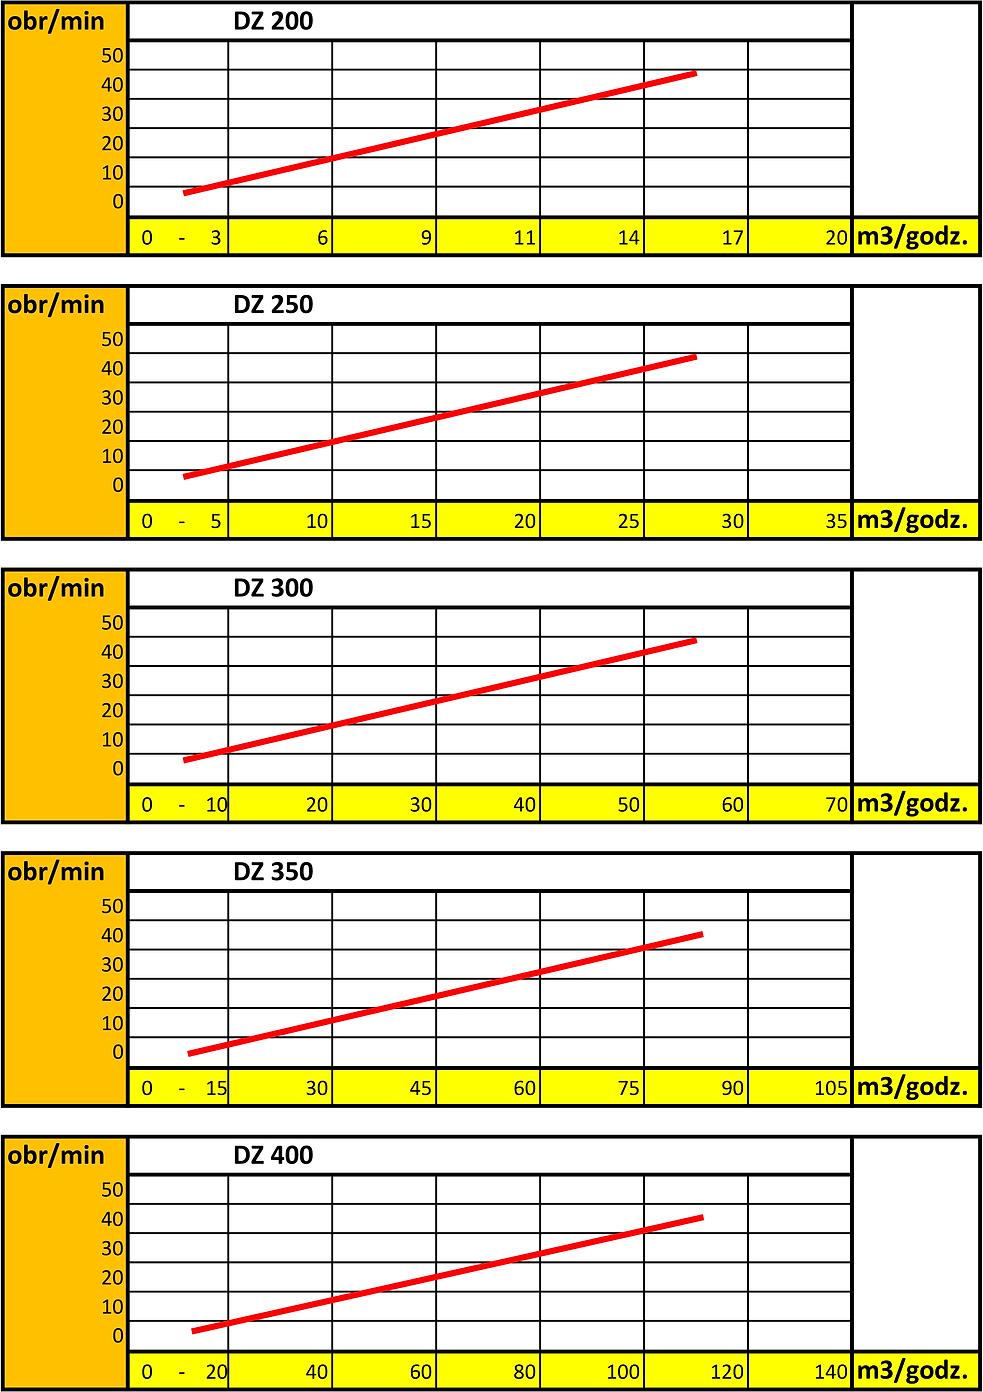 wykresy wydajności dozownikow celkowych.